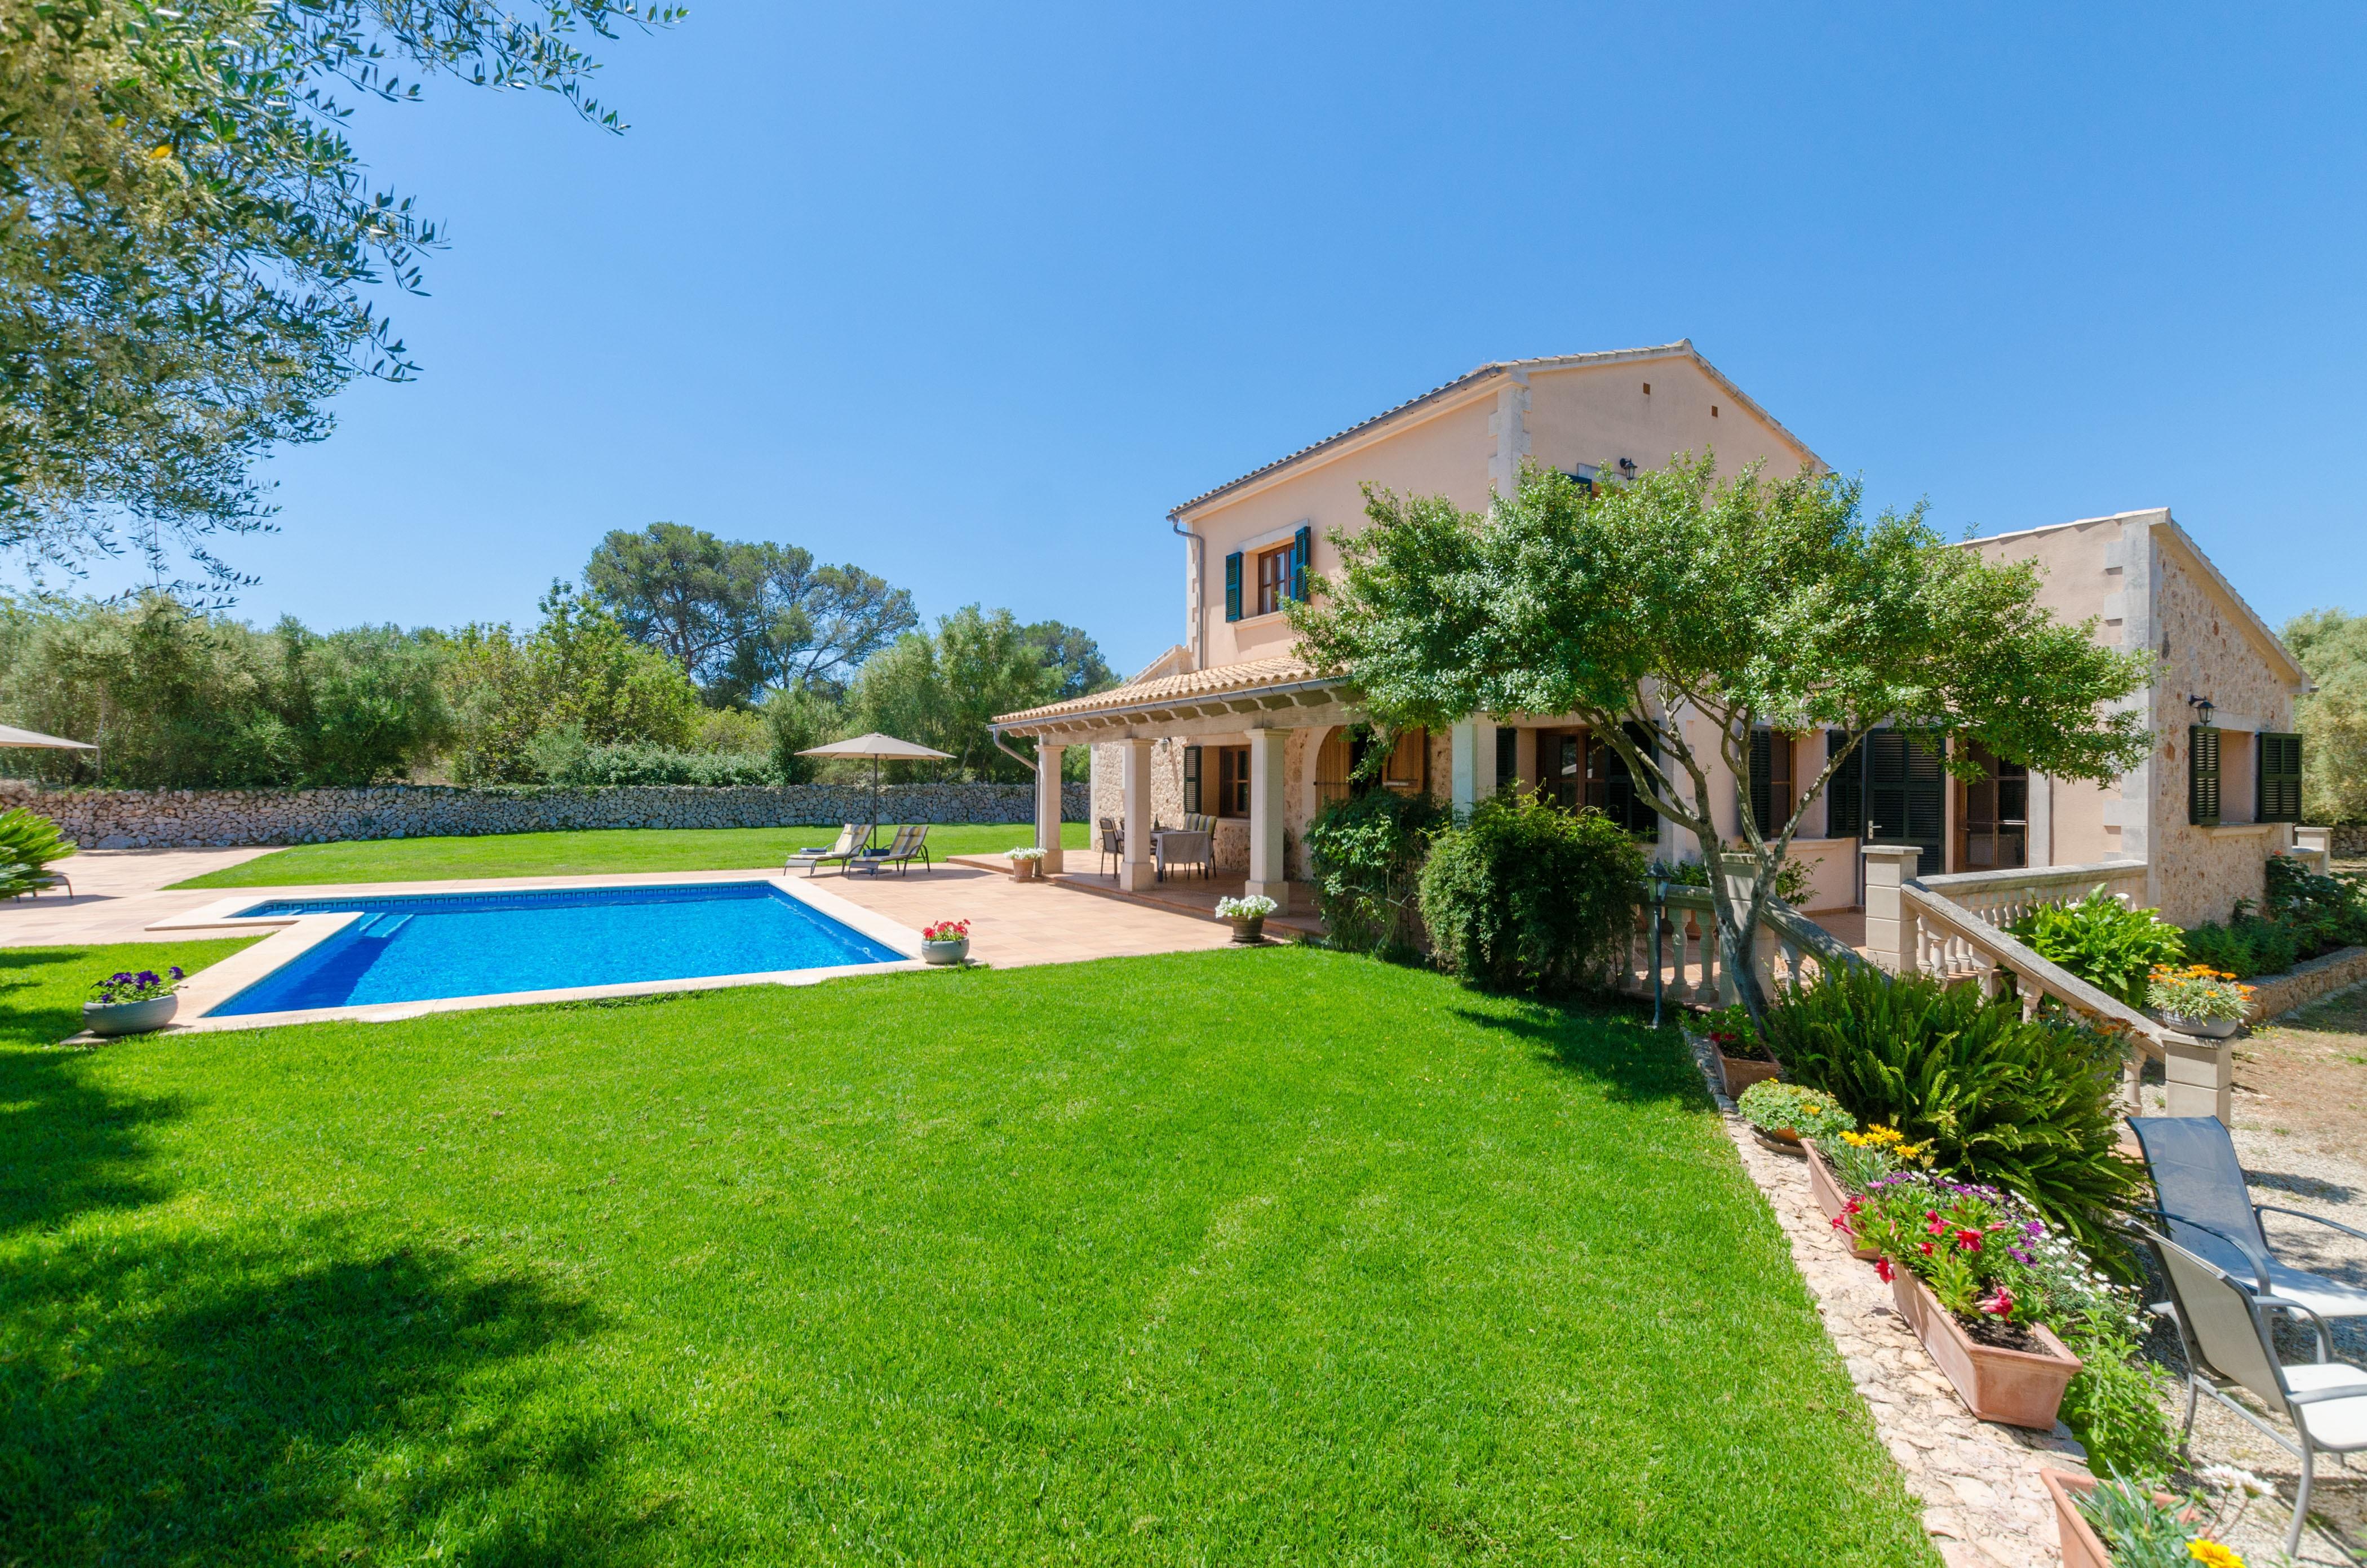 Maison de vacances ES VEDAT (2632993), Lloret de Vistalegre, Majorque, Iles Baléares, Espagne, image 41